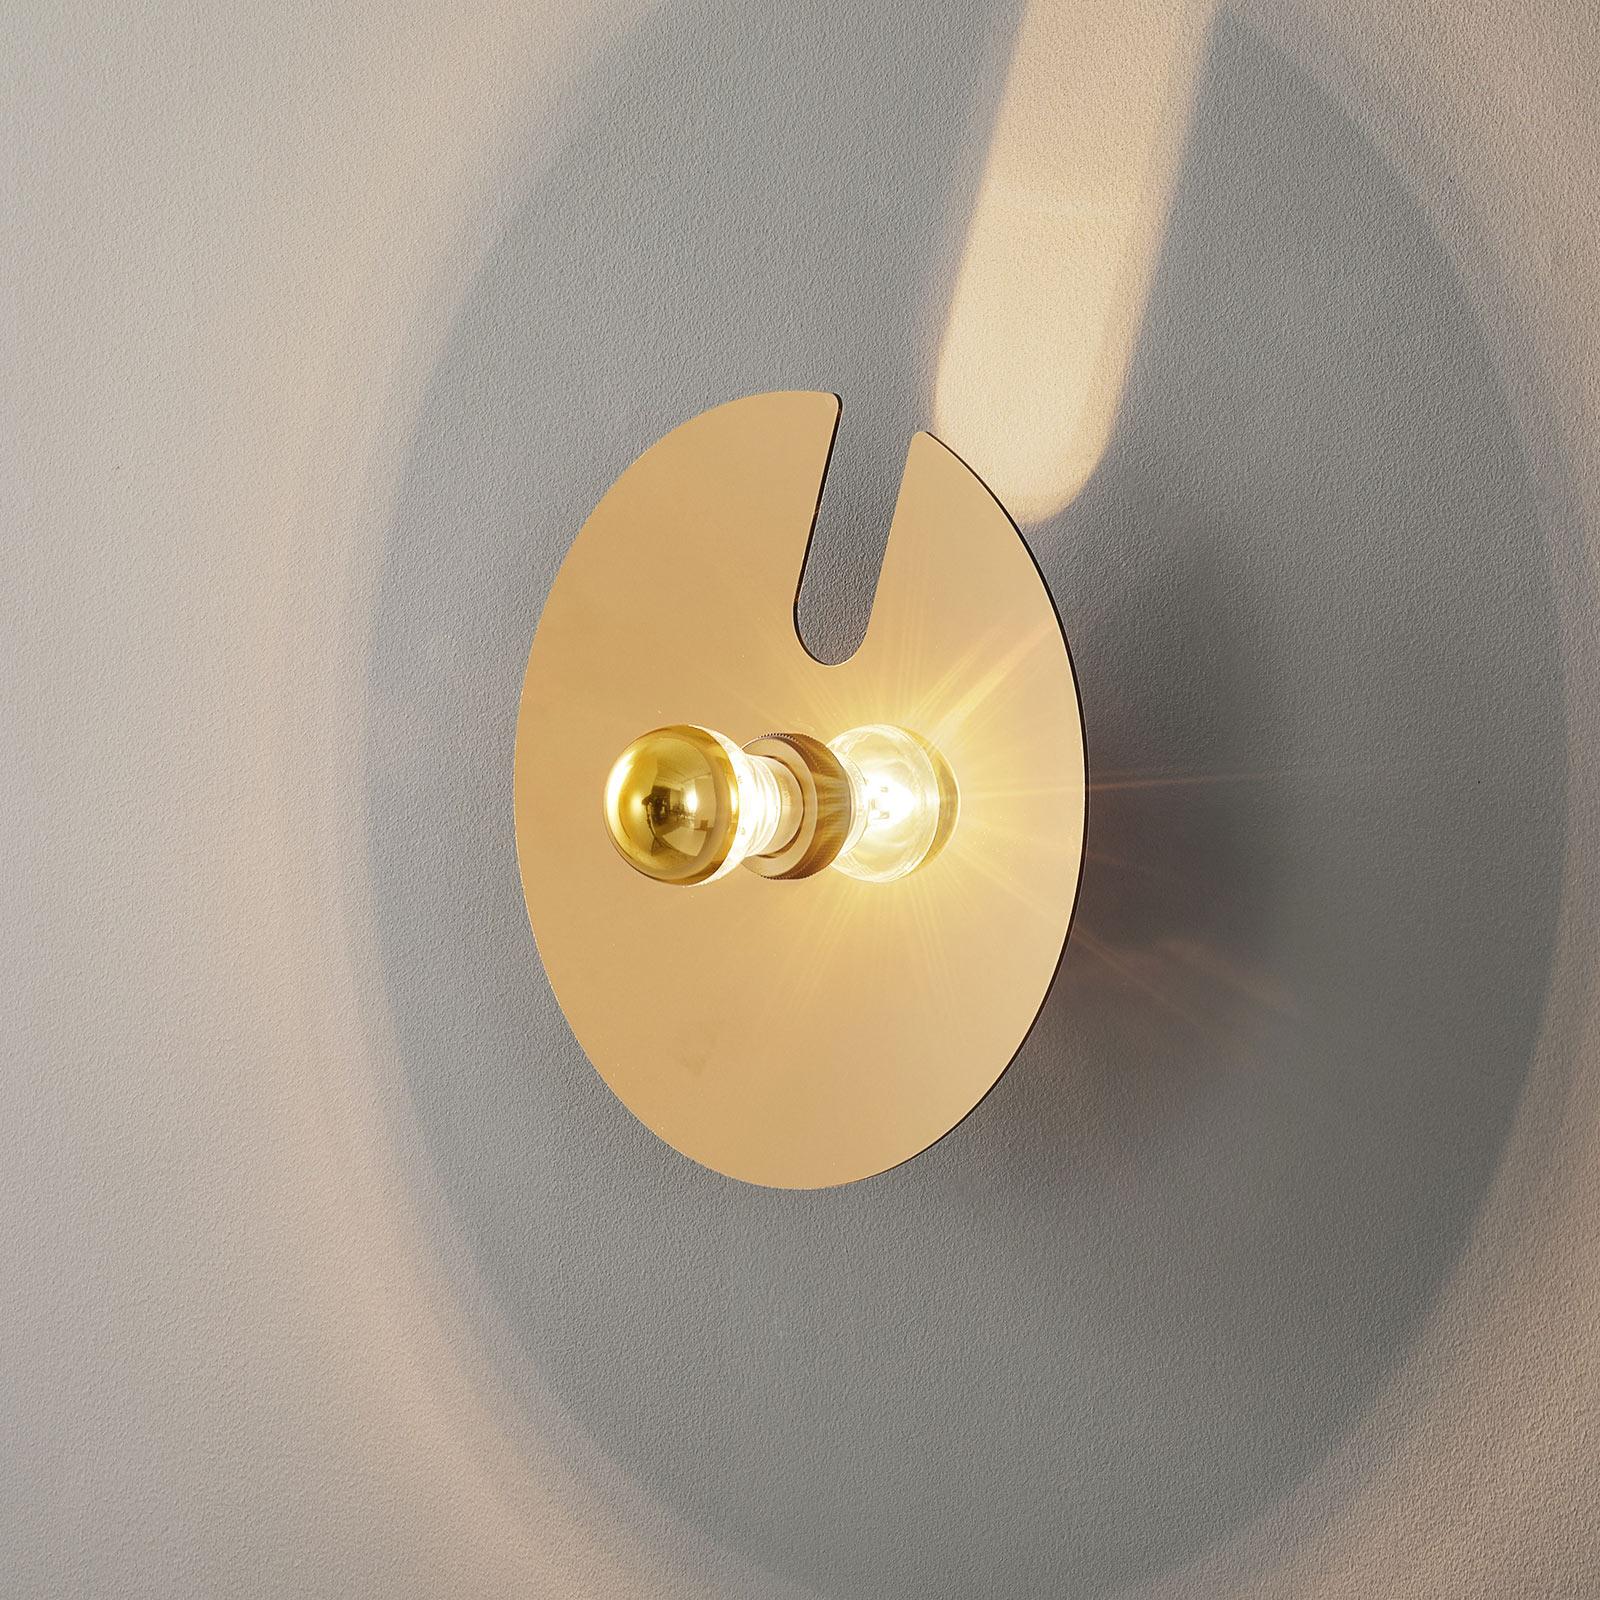 WEVER & DUCRÉ Mirro 1.0 vegg 30 cm svart/gull